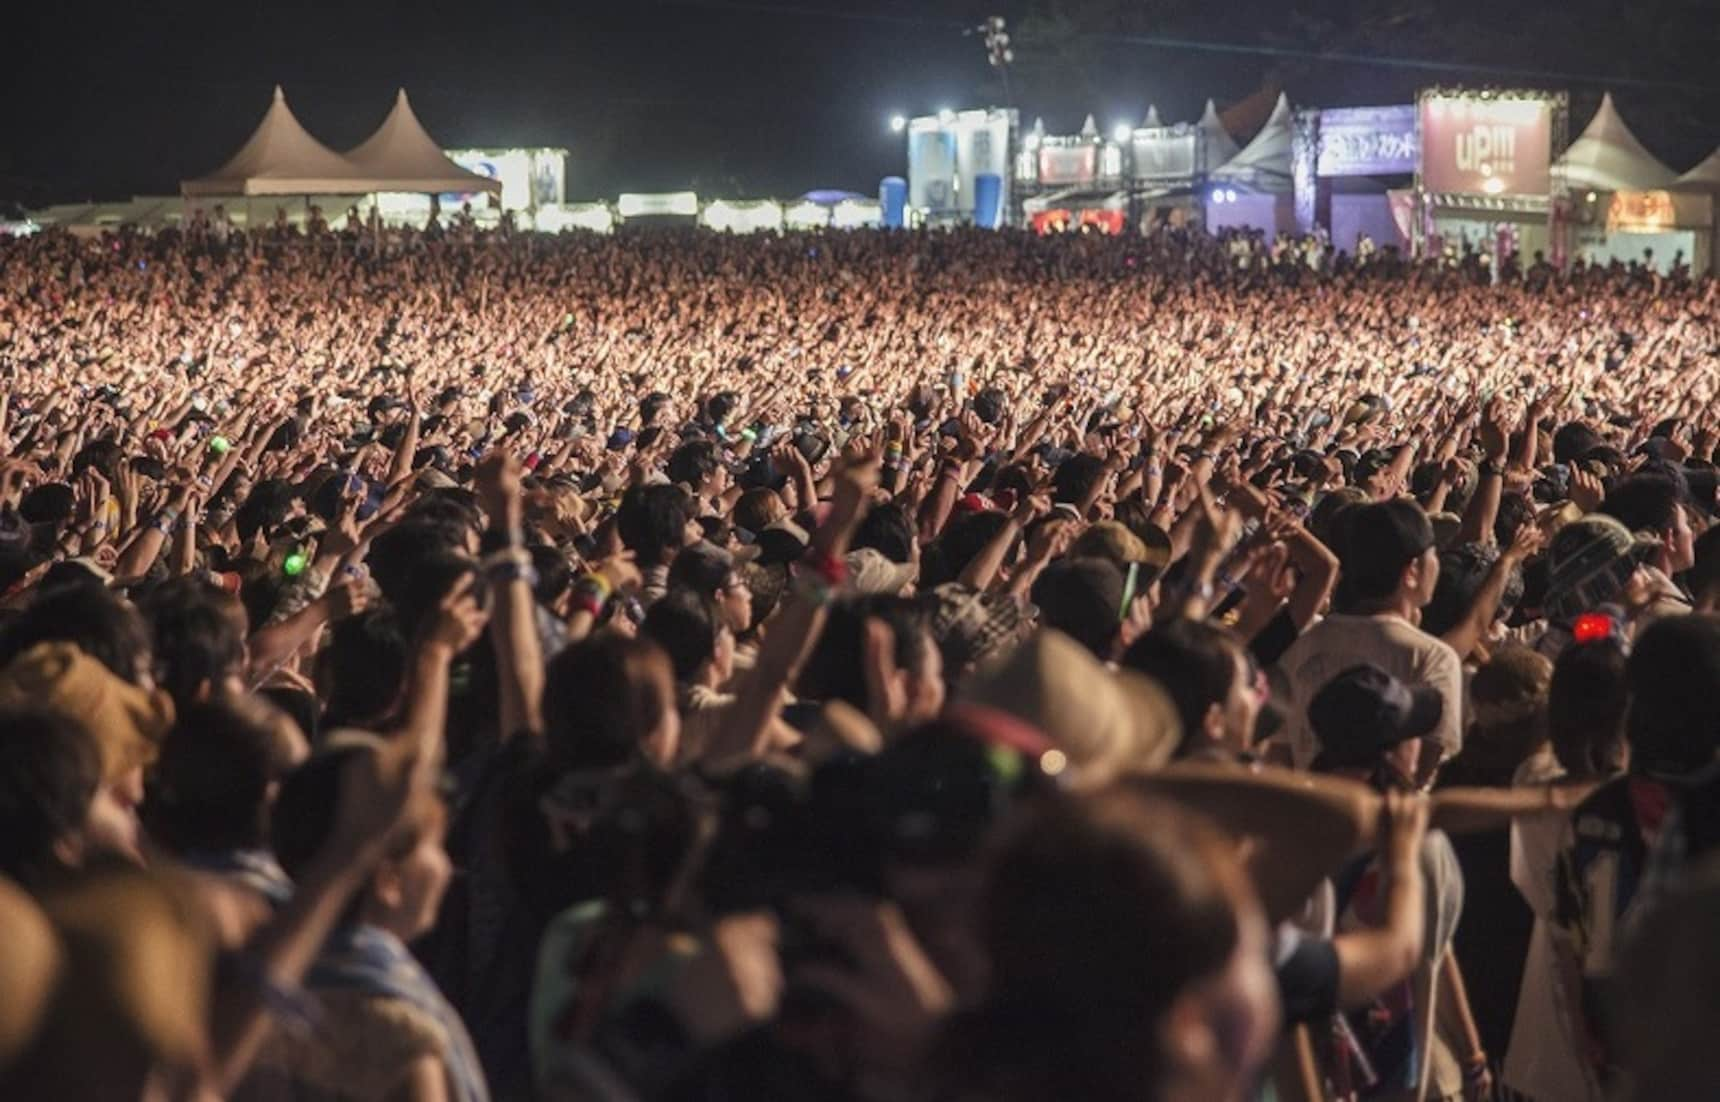 일본 탑 뮤직 페스티벌